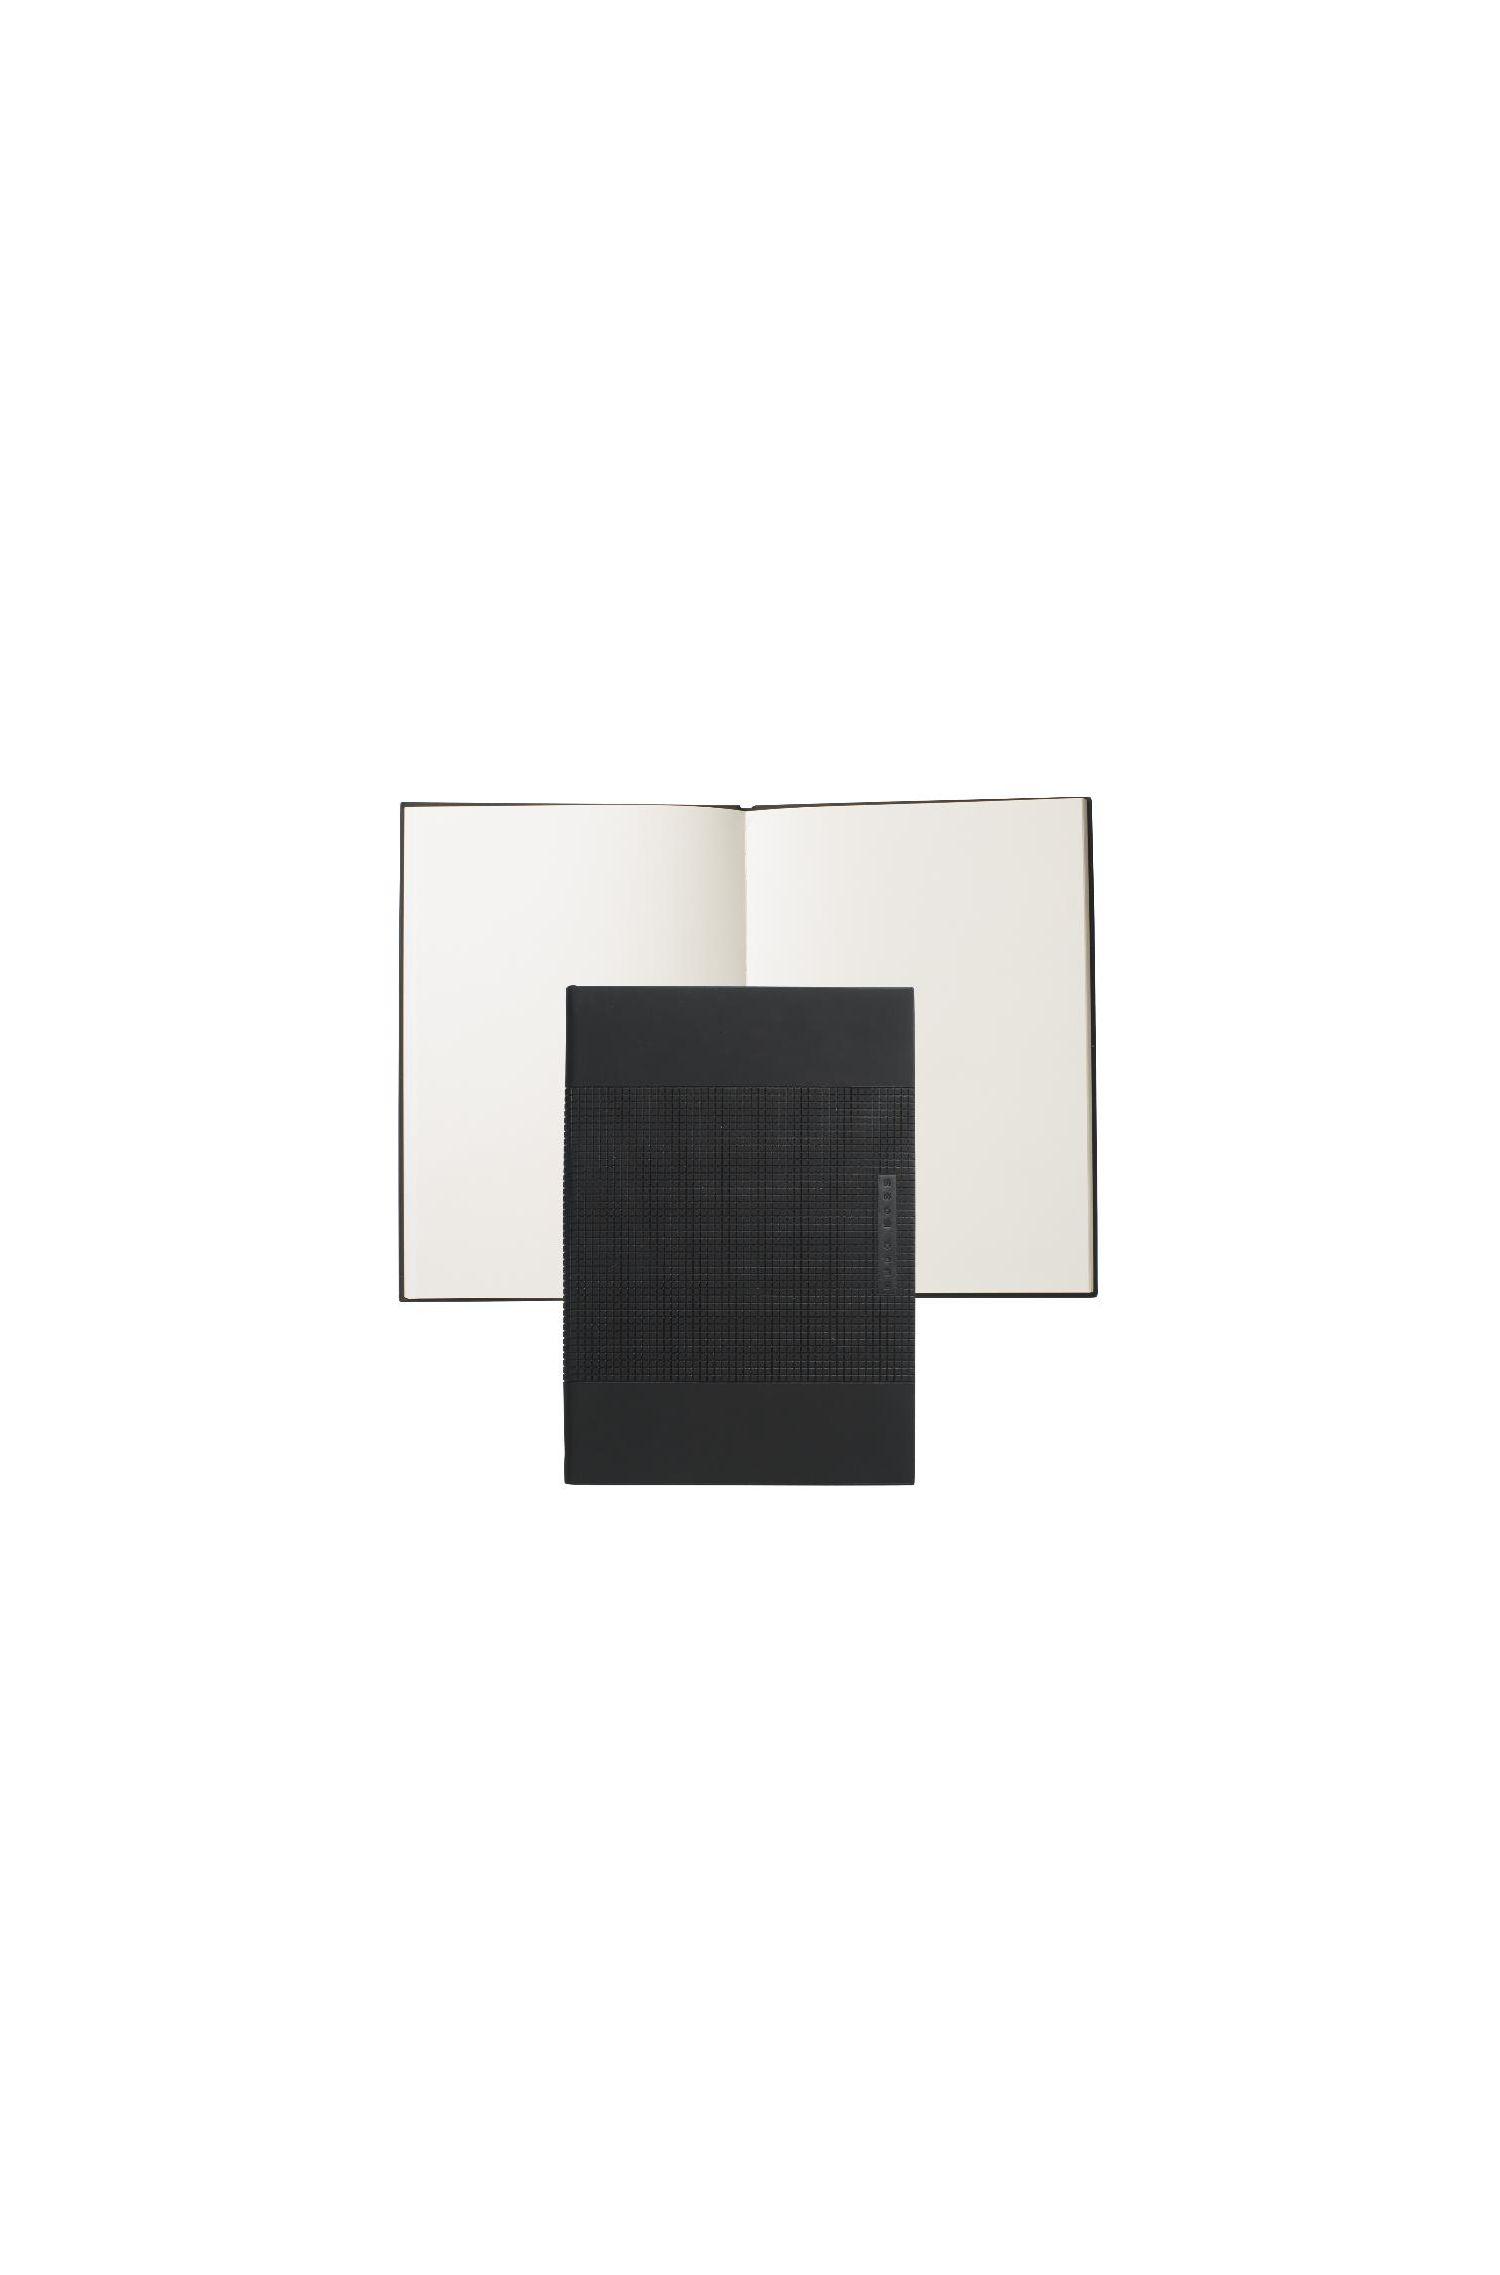 Notizbuch im DIN A5-Format mit strukturiertem Hardcover: 'Grid'